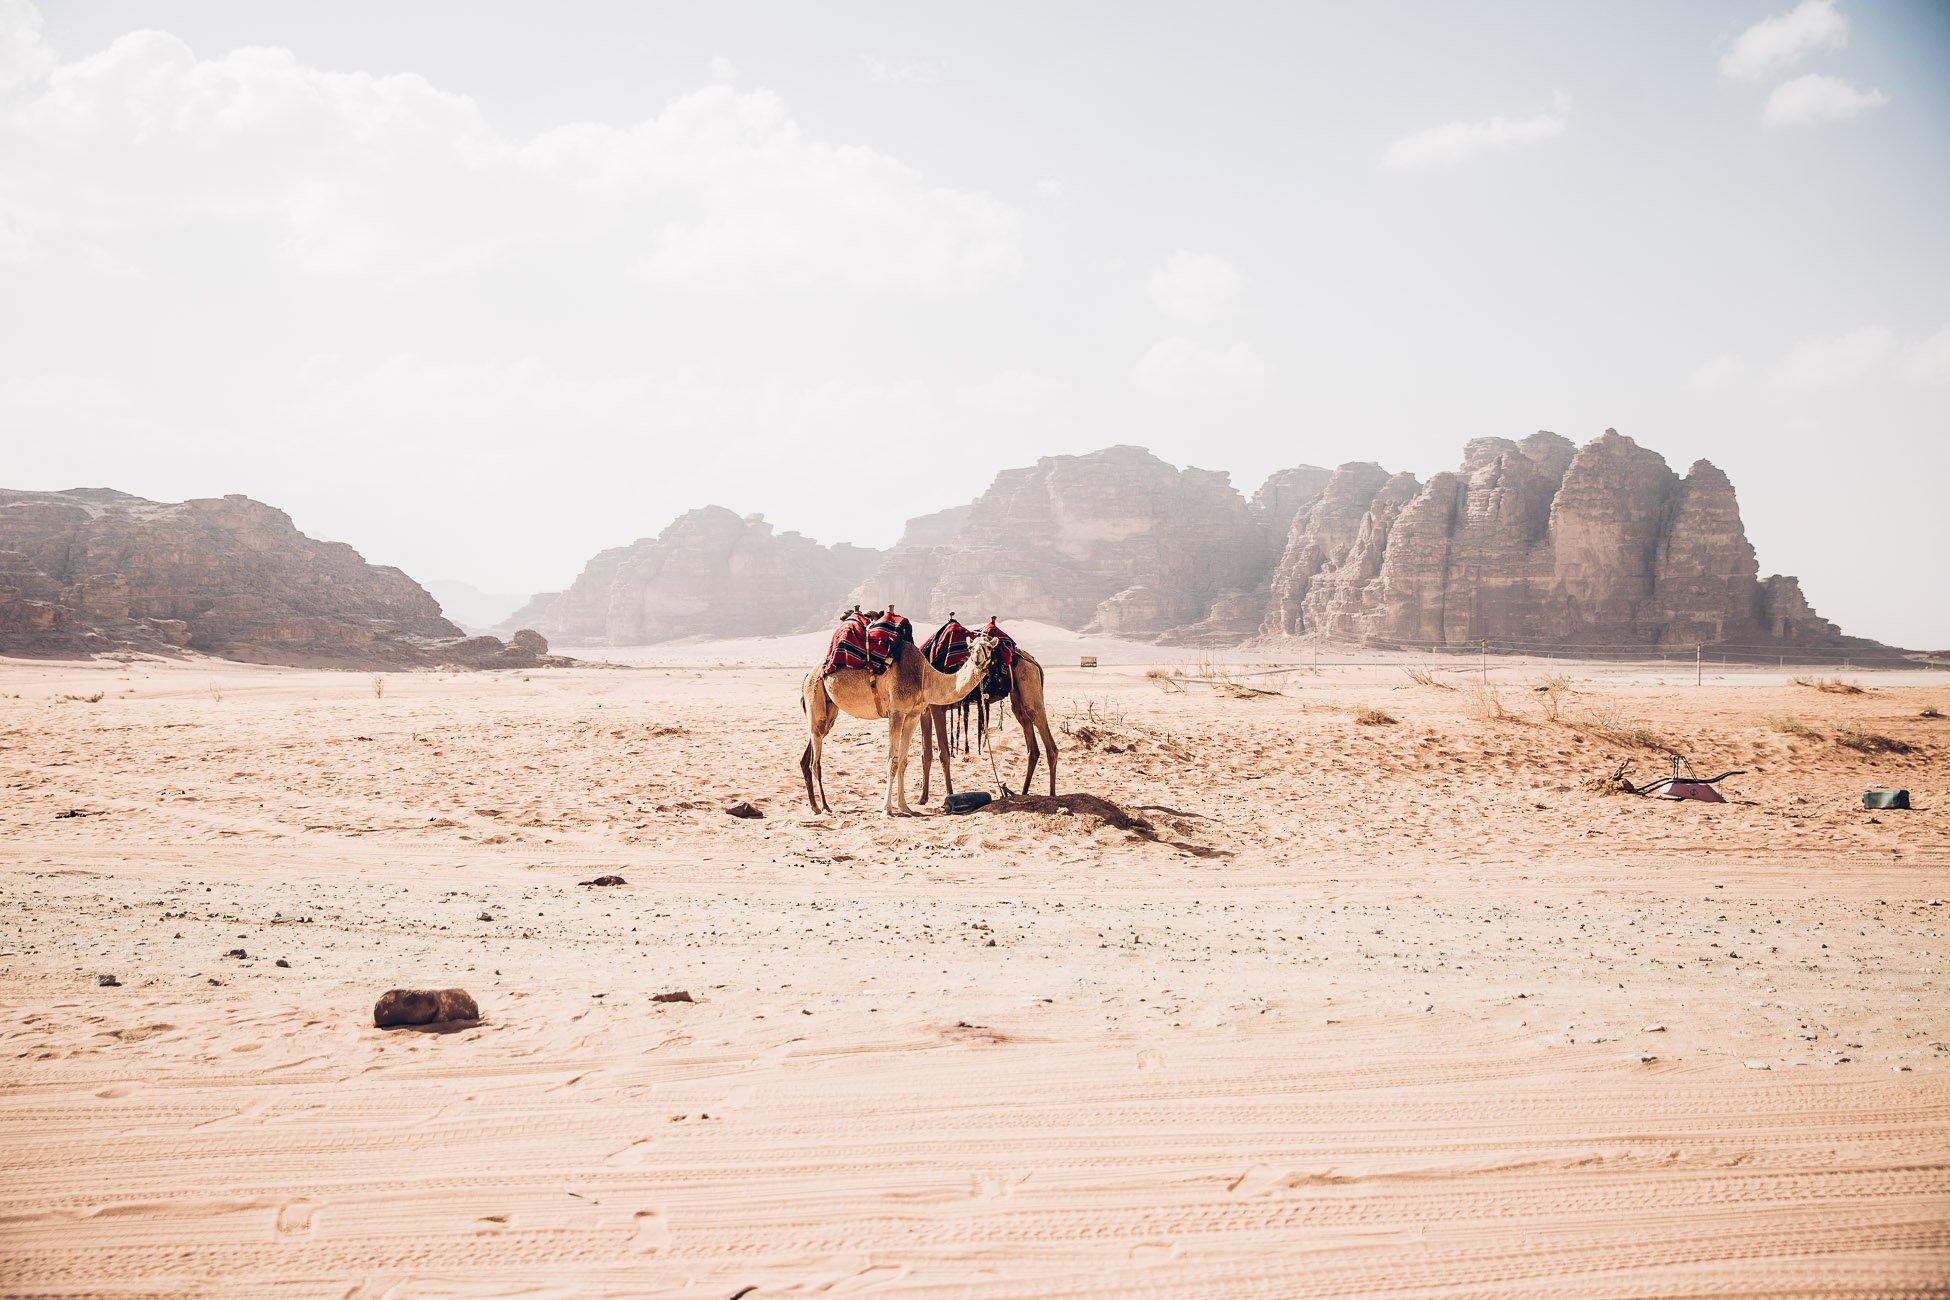 Camels in Wadi Rum Jordan